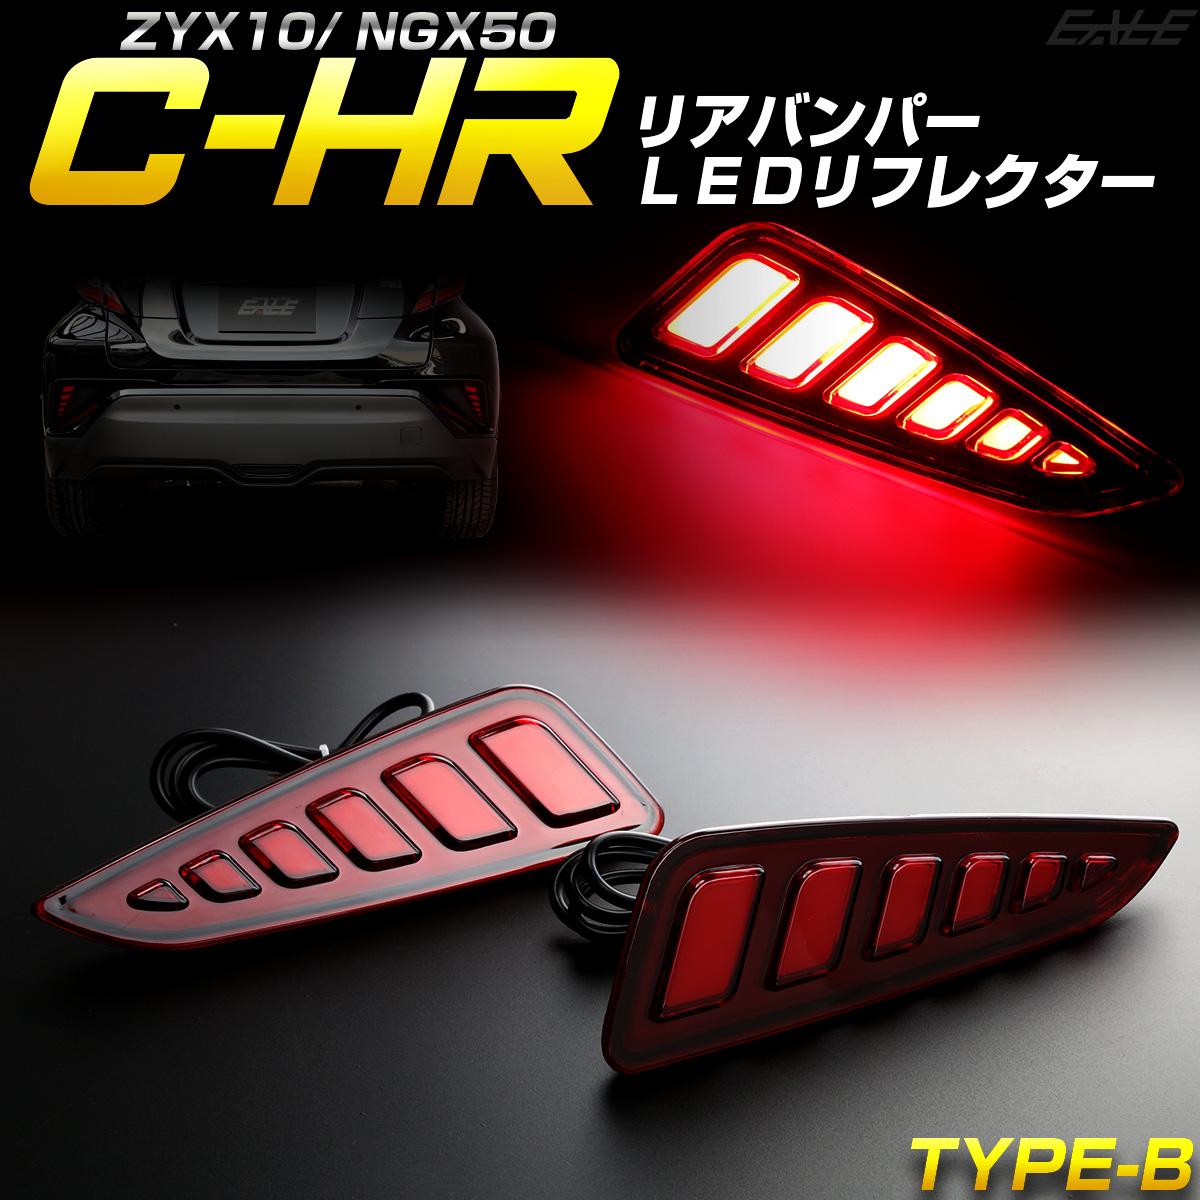 トヨタ C-HR 専用 LED リア リフレクター ZYX10 NGX50 テールランプ ブレーキランプ連動可能 面発光モデル タイプB P-390